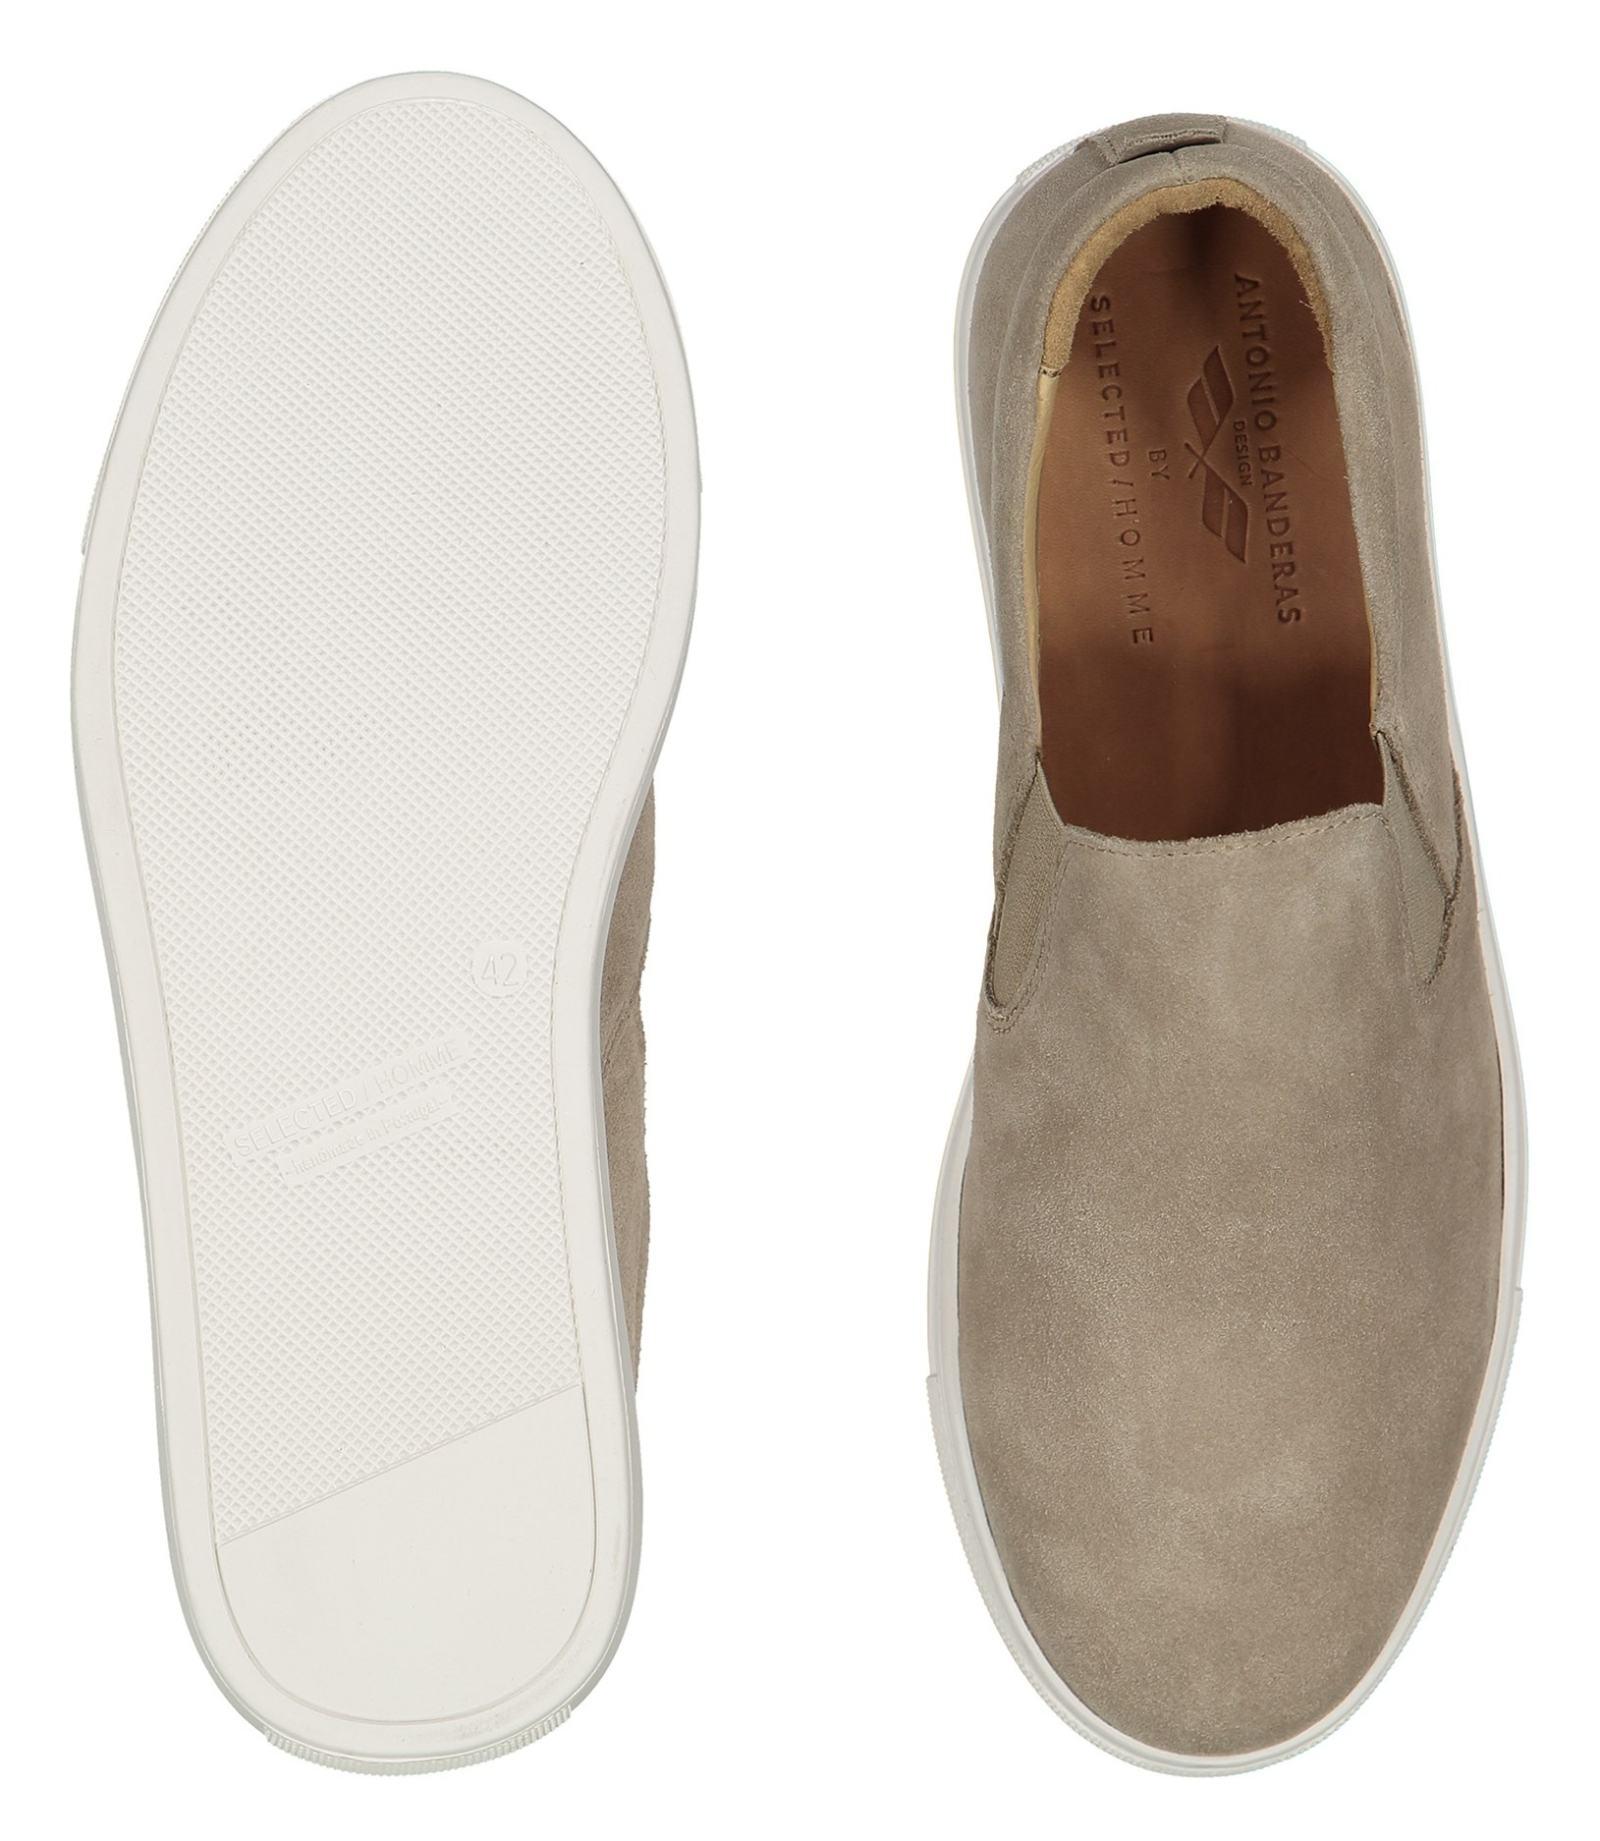 کفش جیر راحتی مردانه - سلکتد - بژ - 2